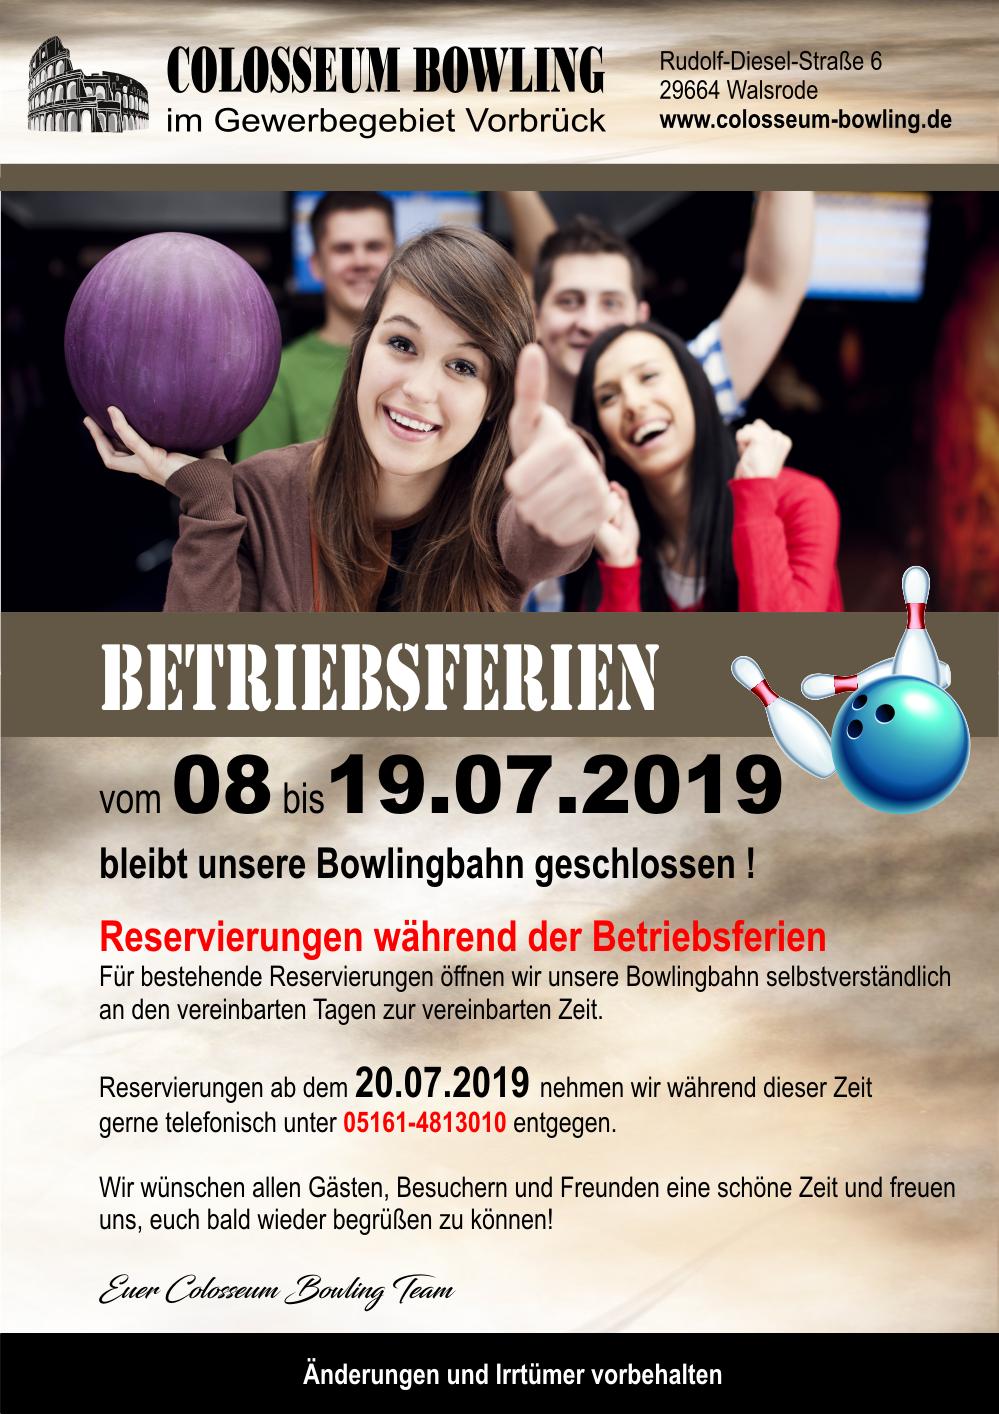 Betriebsferien 2019